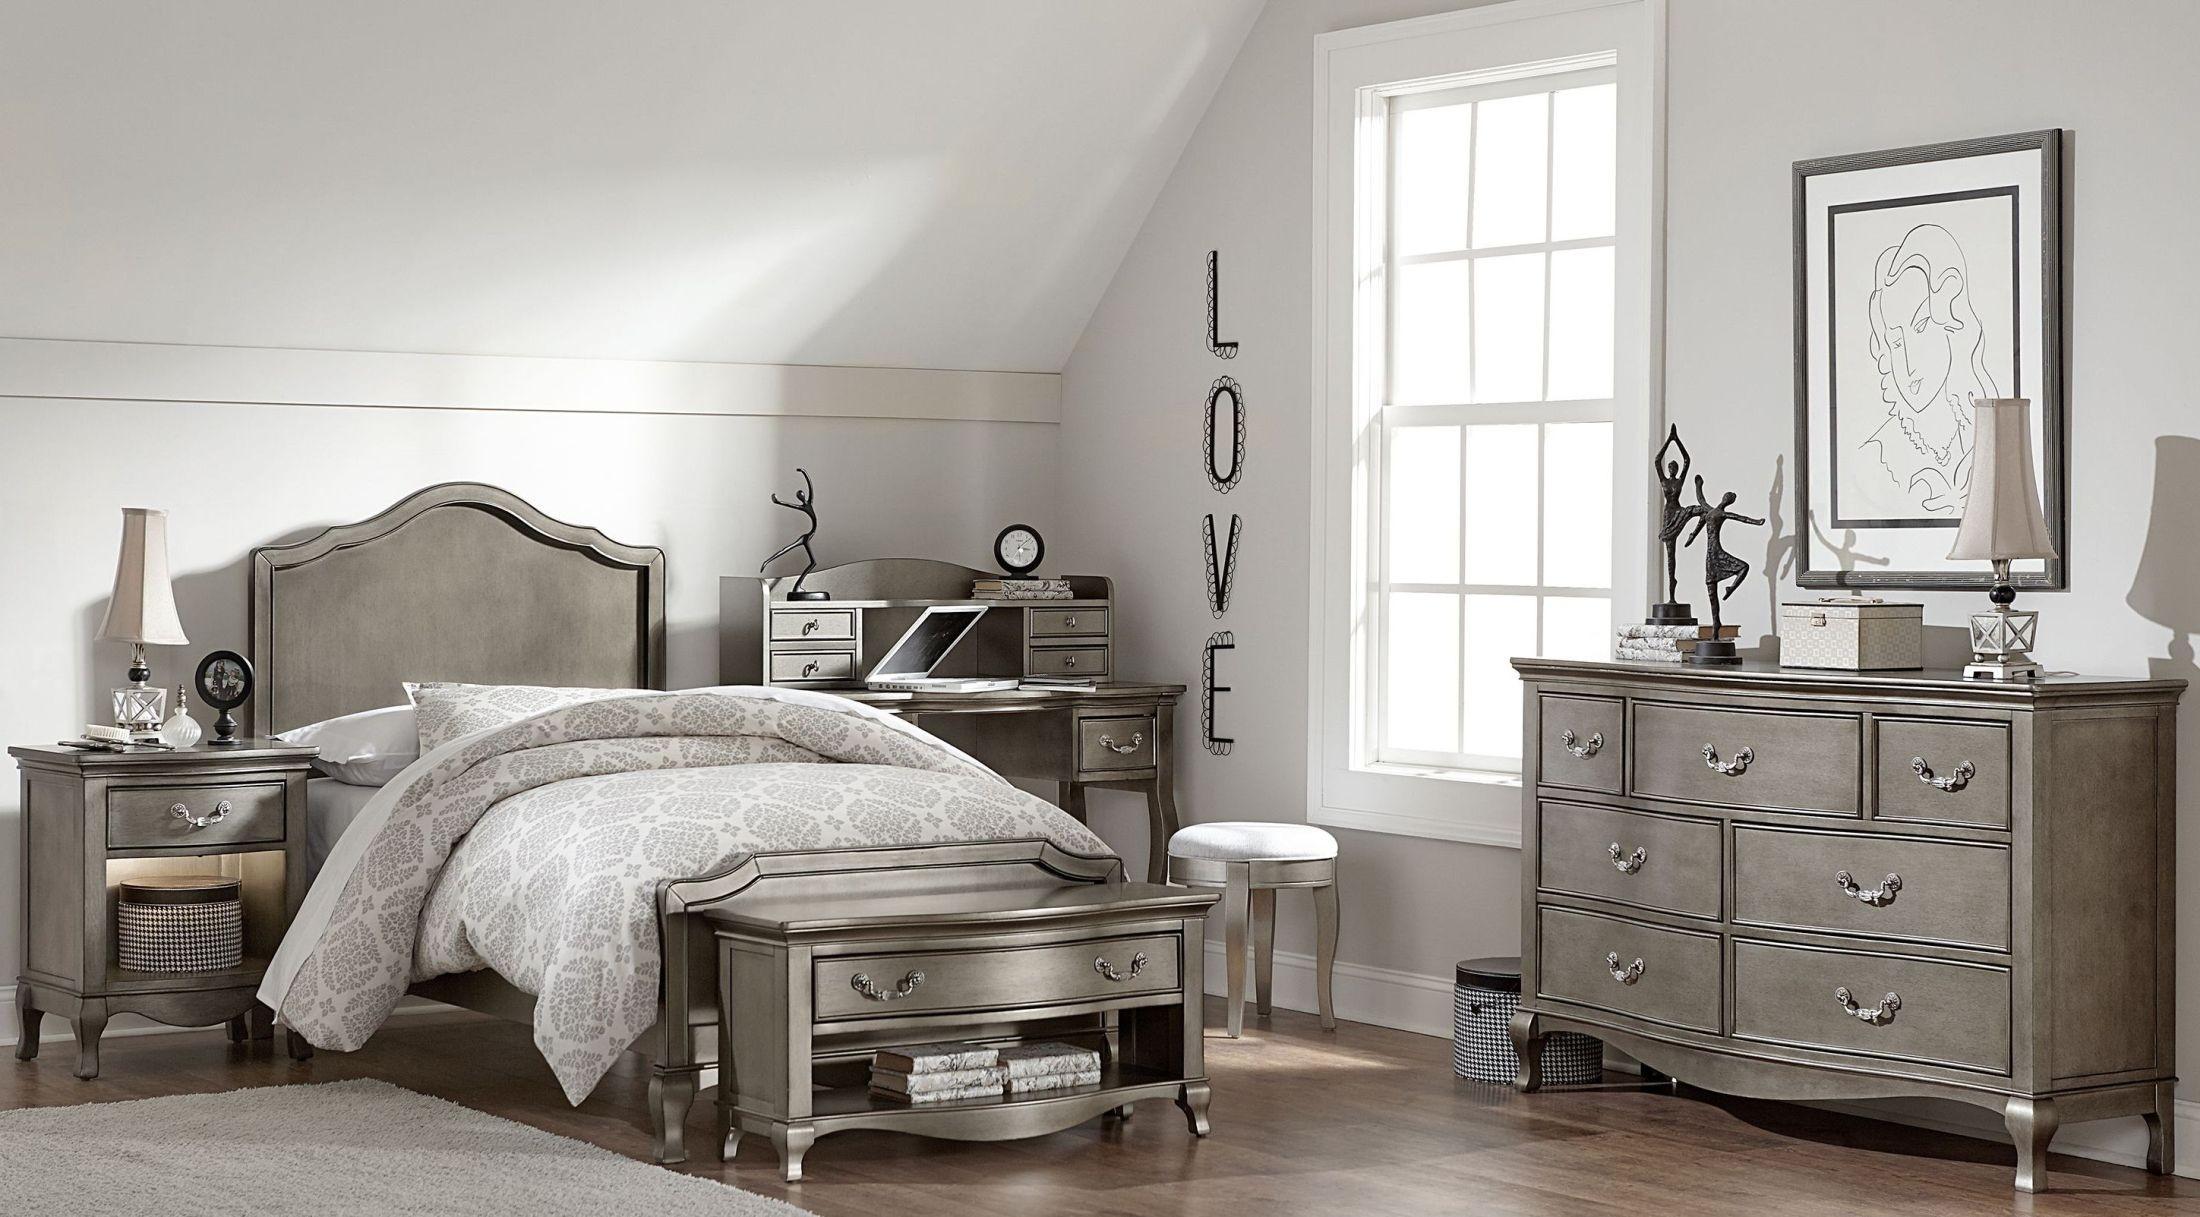 Kensington antique silver charlette youth panel bedroom set from ne kids coleman furniture for Knightsbridge bedroom furniture